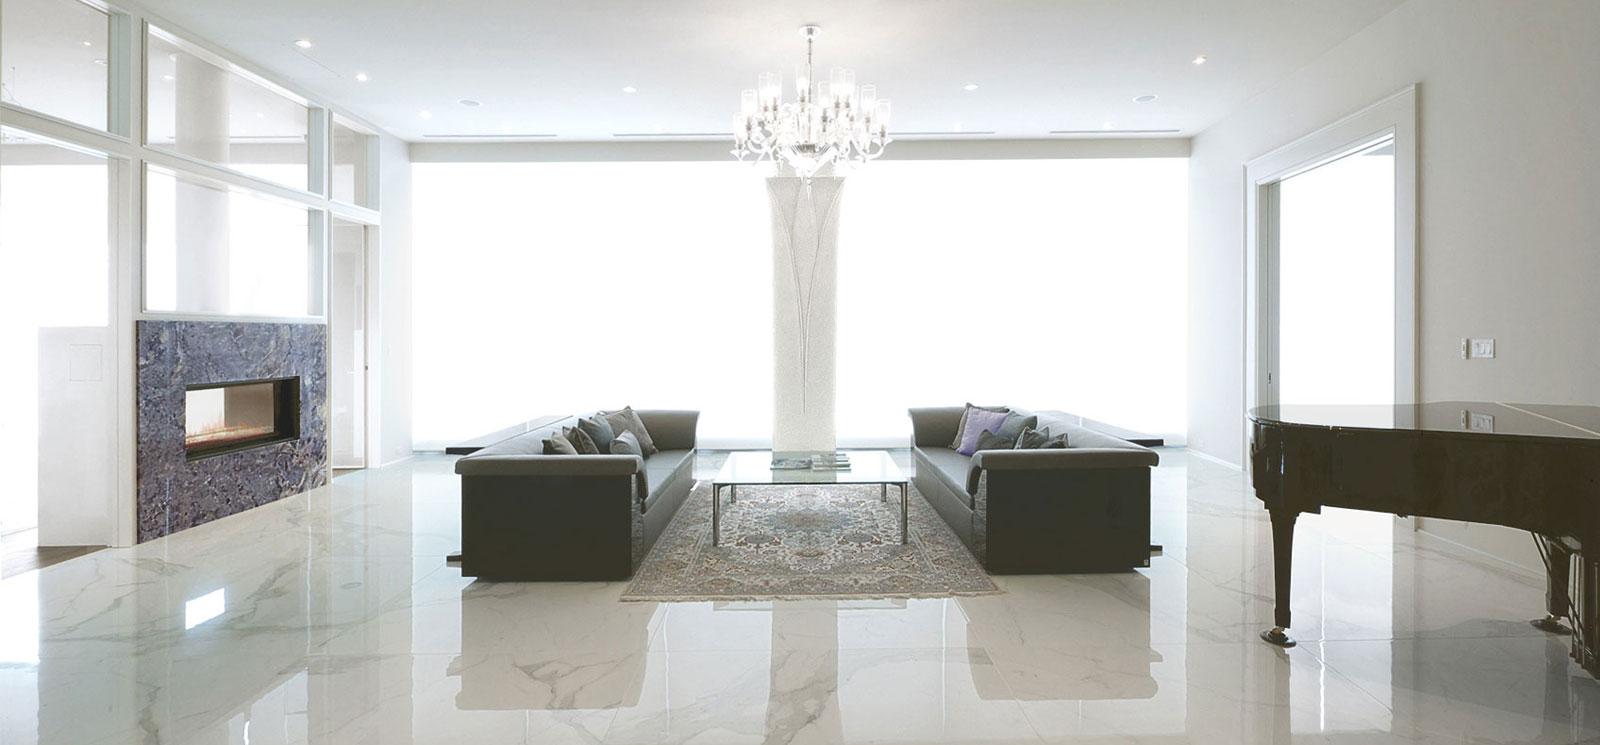 Imported Marble, Granite & Quartz Manufacturers, Suppliers